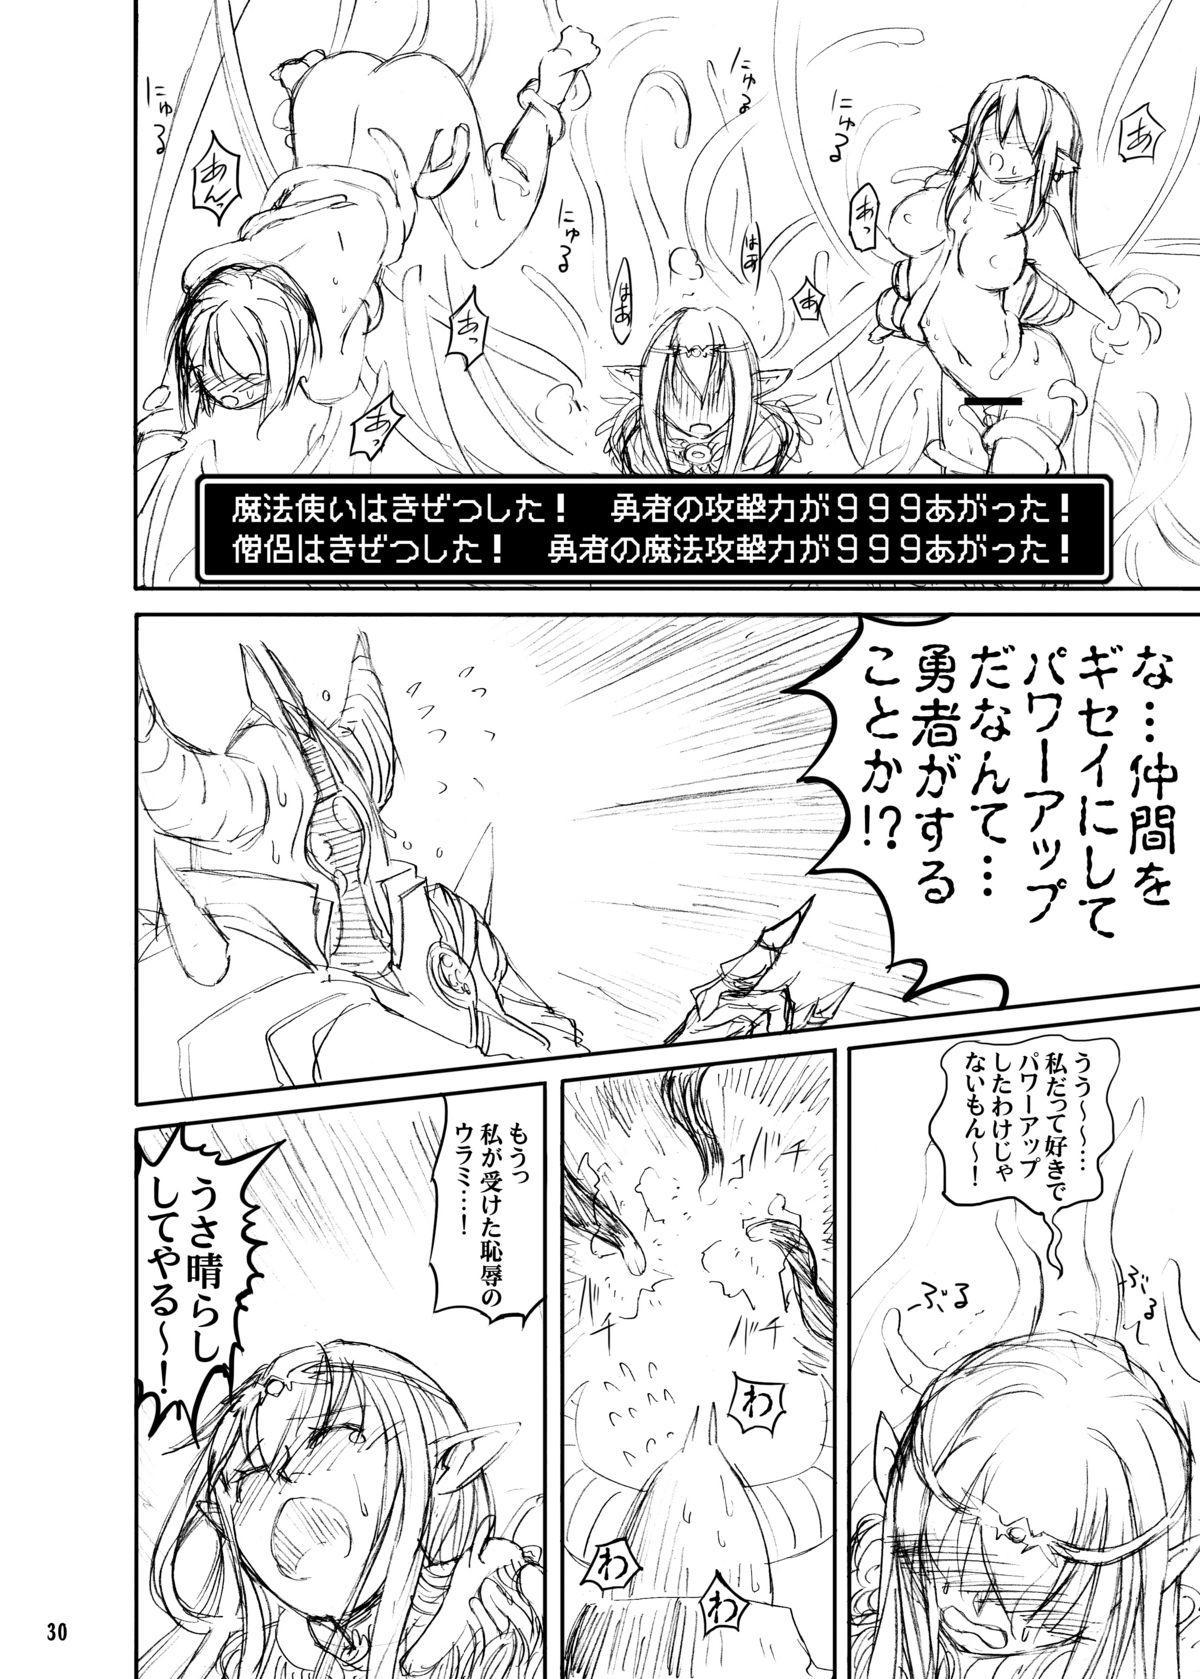 Shokushu Armor 29